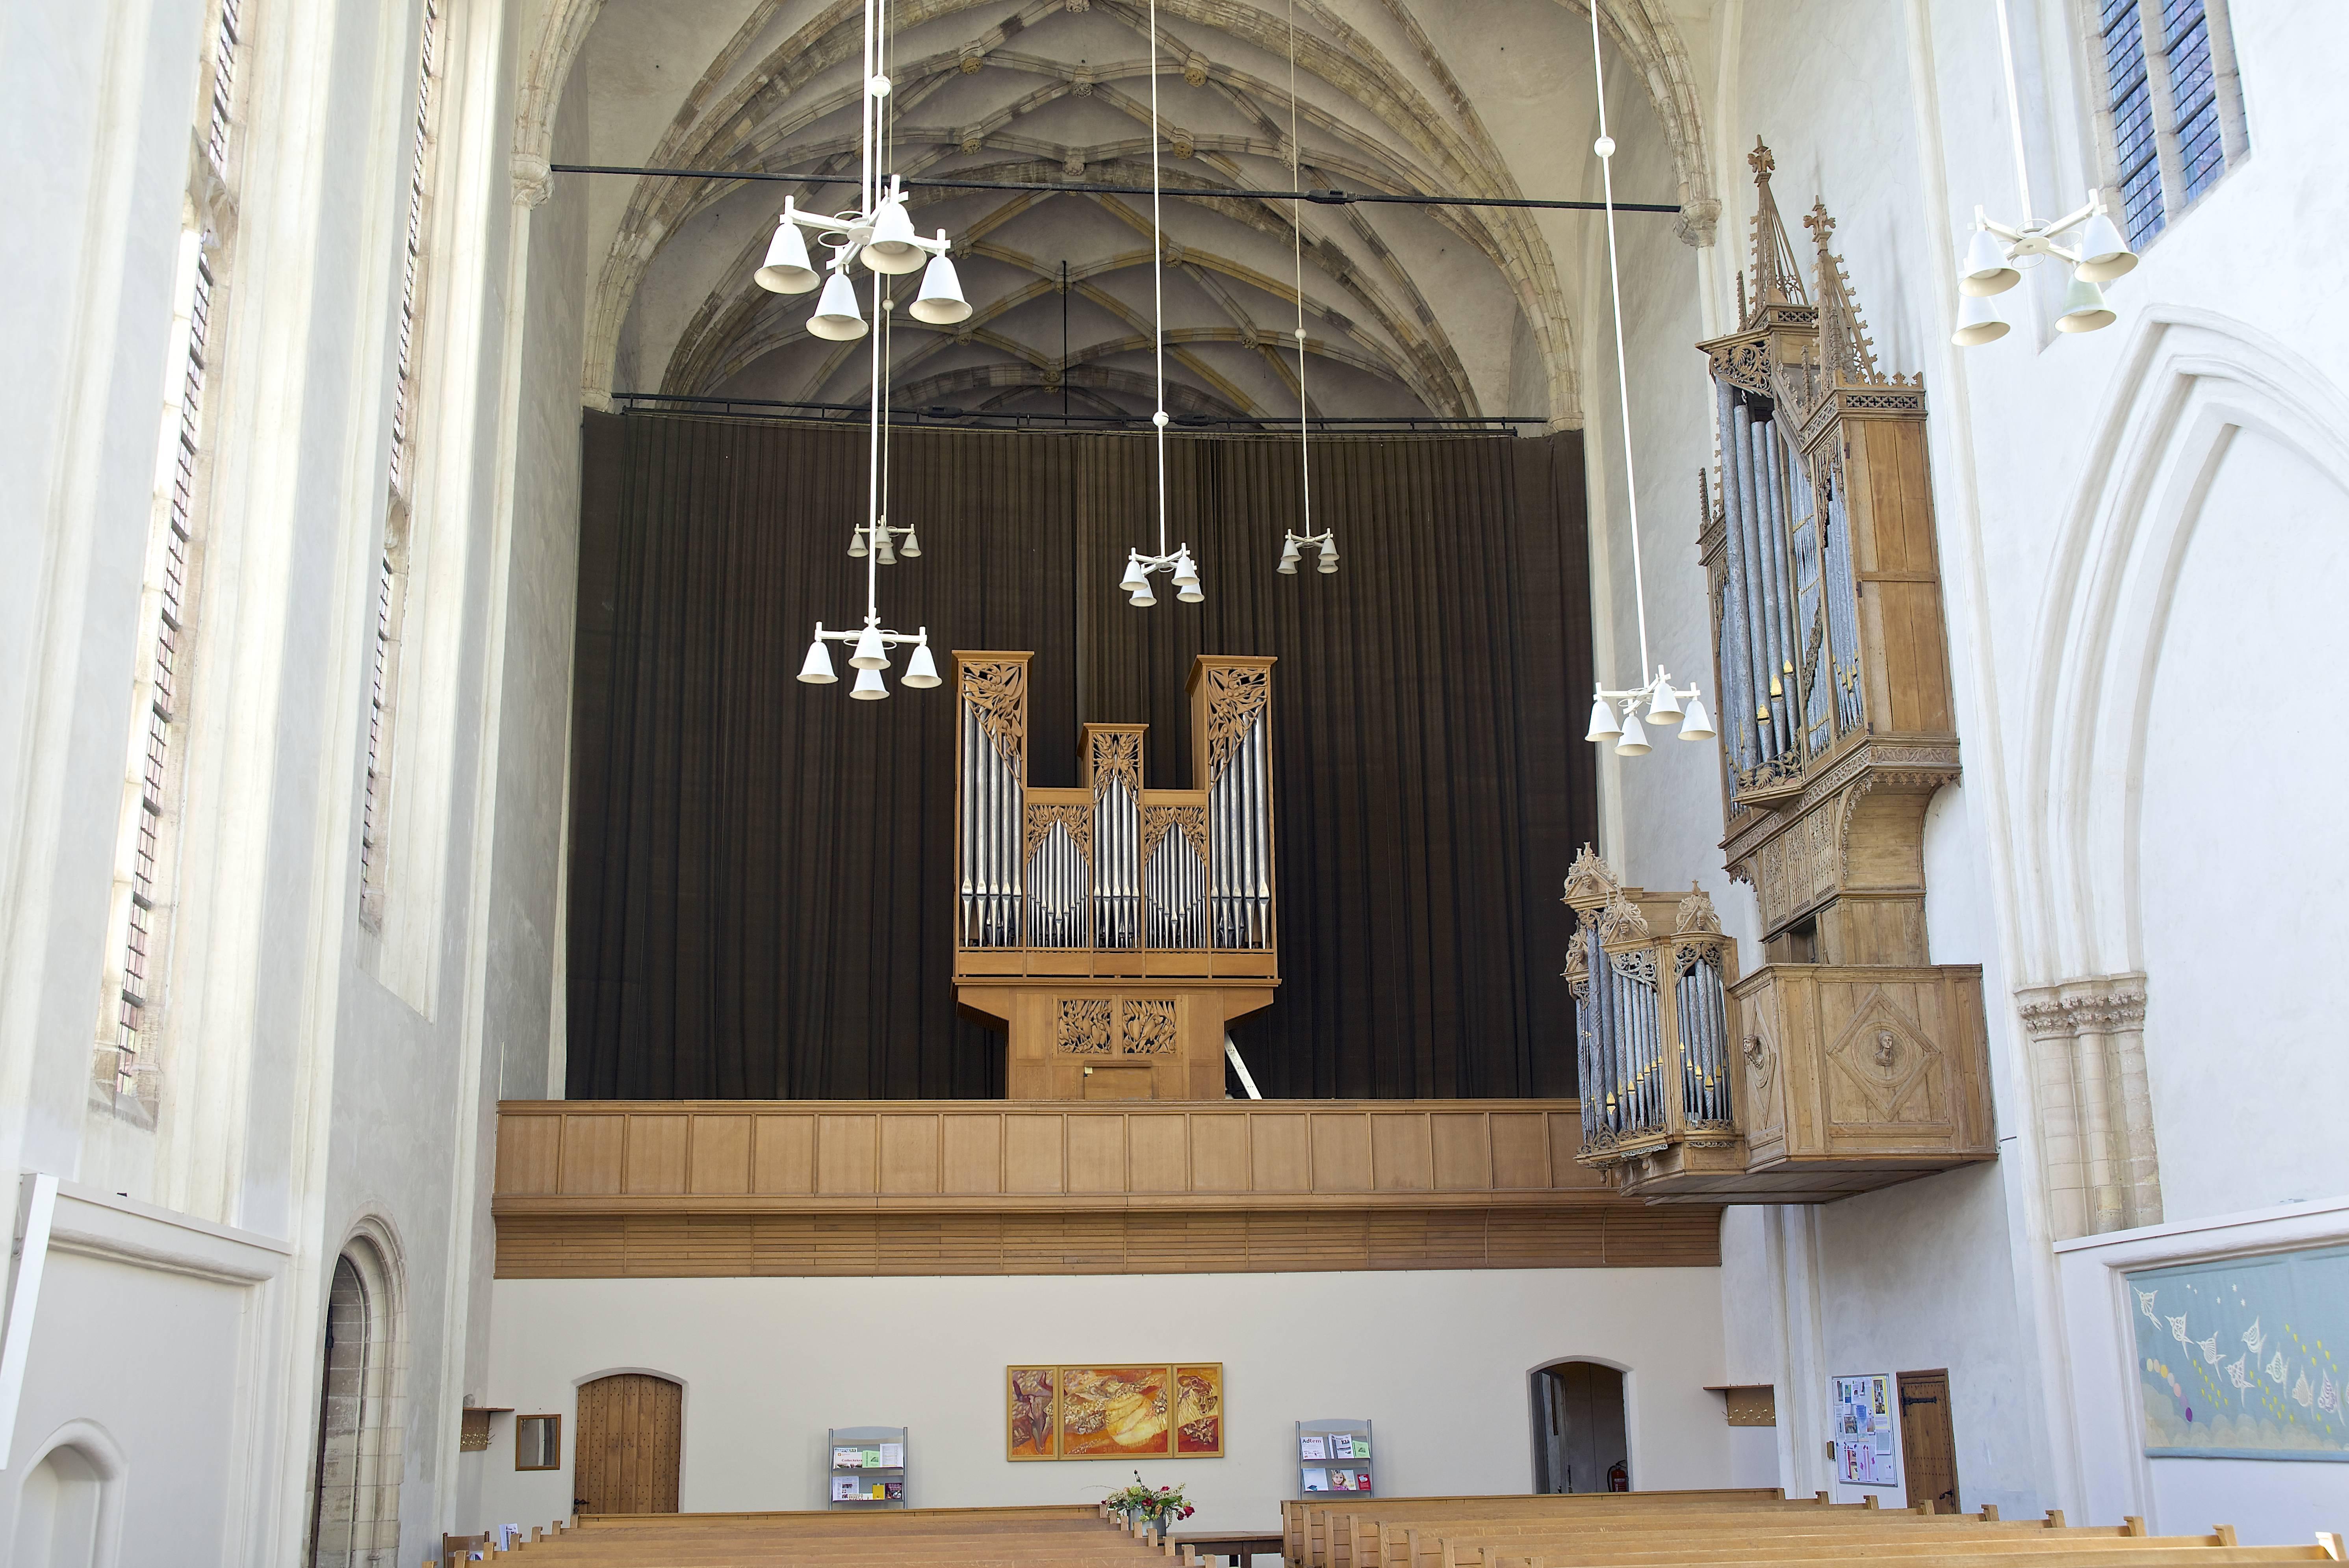 Op het oksaal het Van Vulpen-orgel uit 1969. Rechts aan de muur de kas van het Peter Gerritsz-orgel uit 1479 (bovenwerk) en 1547 (rugpositief).